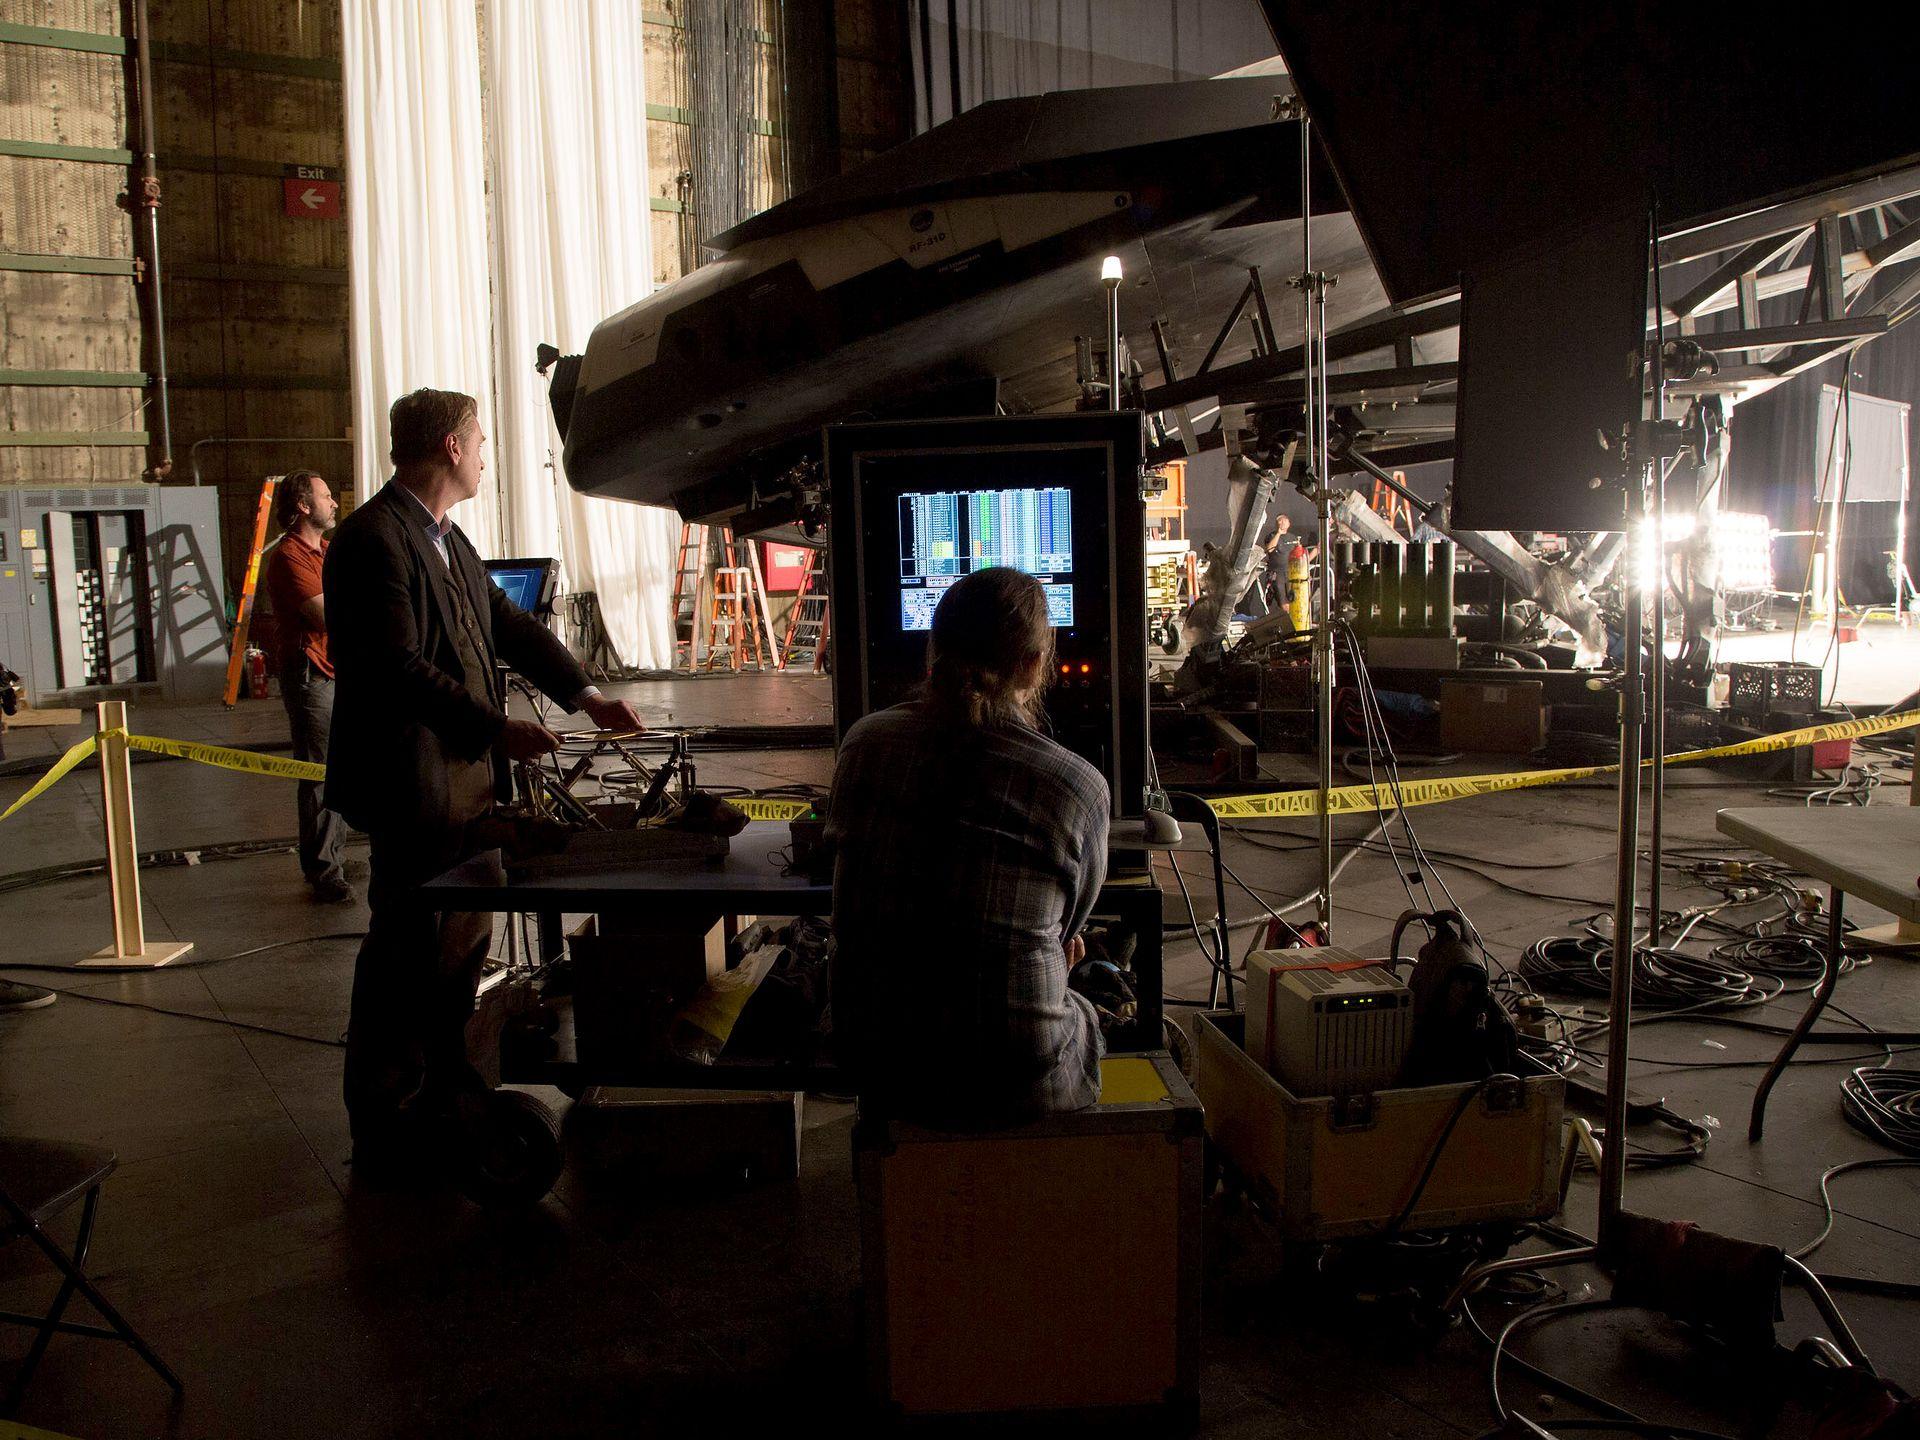 5 New Stills From Christopher Nolan S Interstellar We